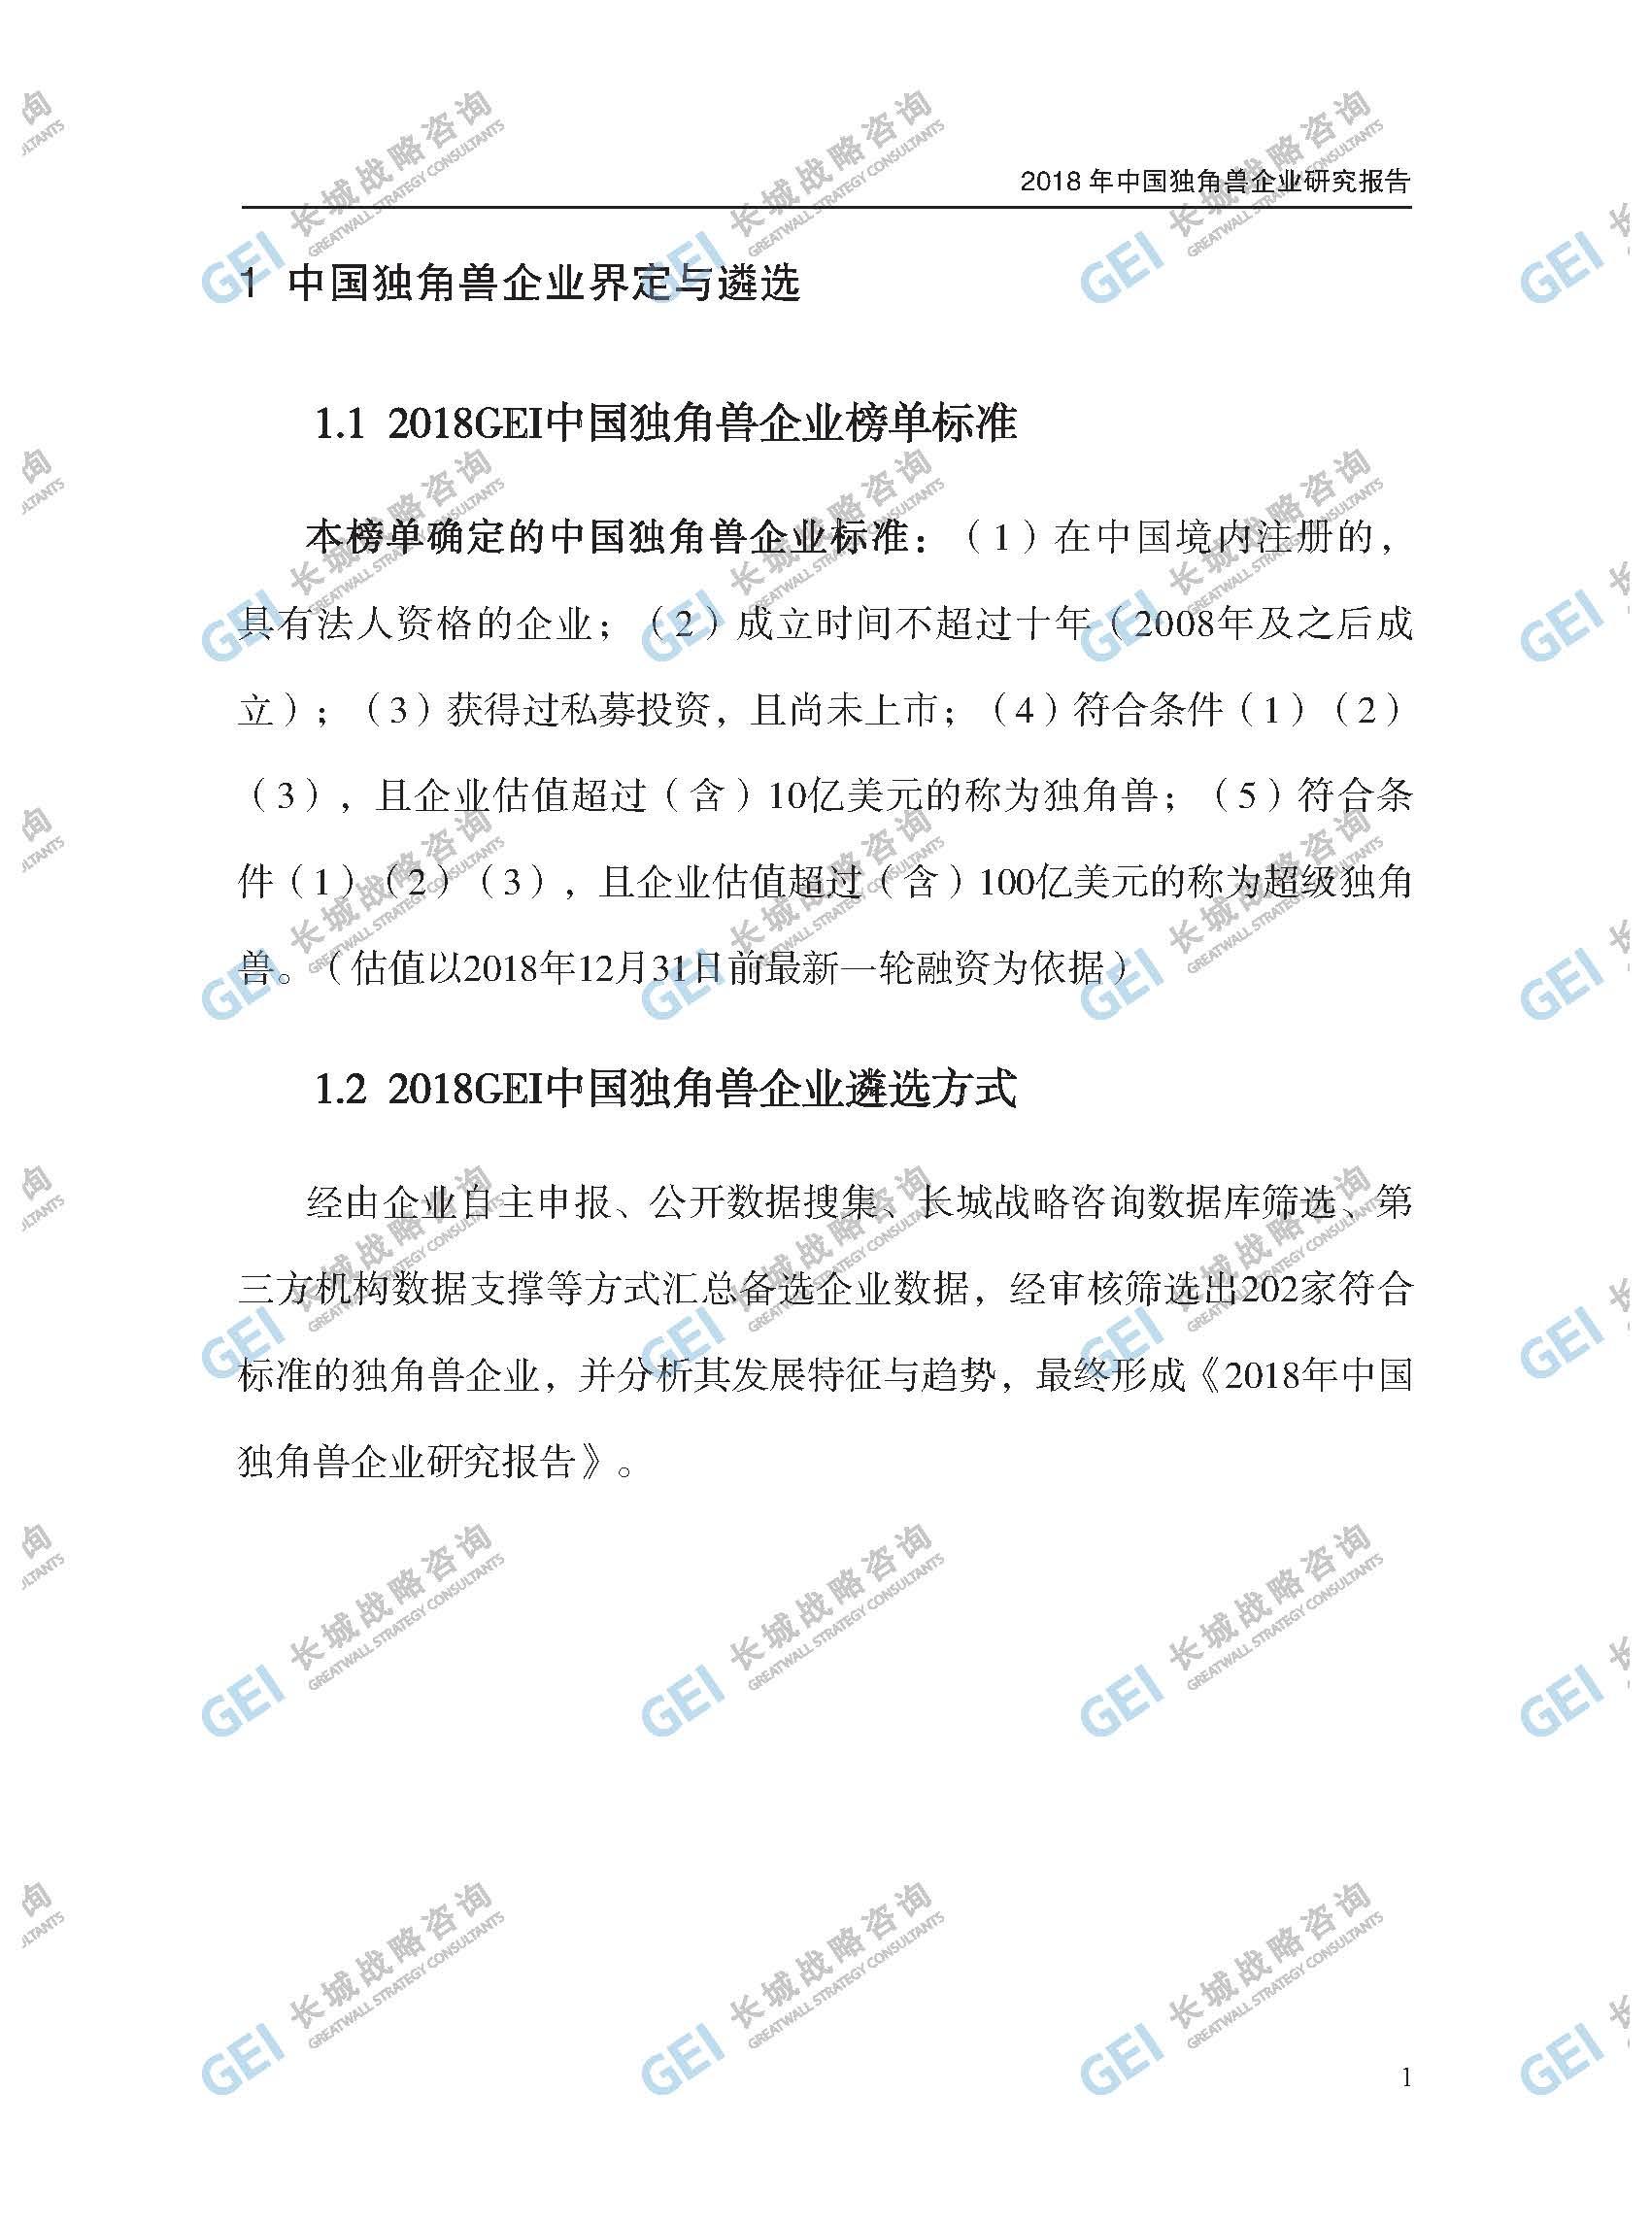 2018年中國獨角獸企業研究報告-加水印-已壓縮_頁面_007.jpg